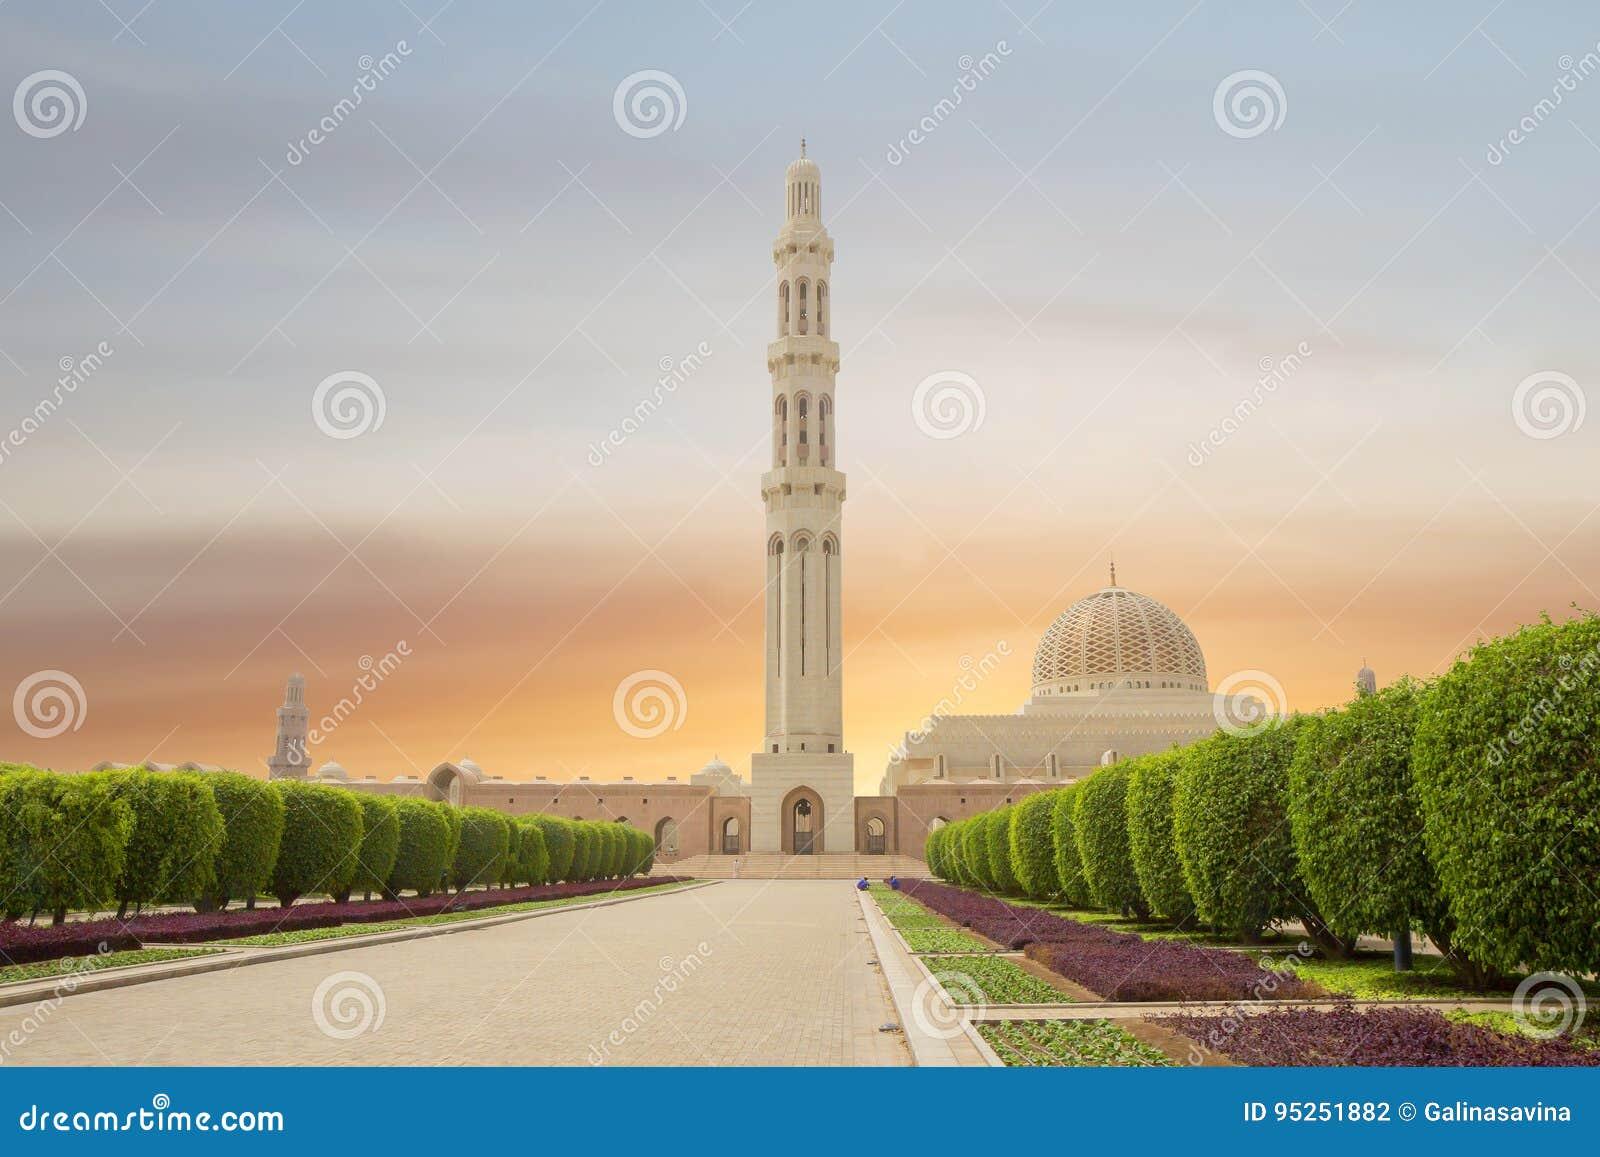 Ομάν muscat Μεγάλο μουσουλμανικό τέμενος του σουλτάνου Qaboos